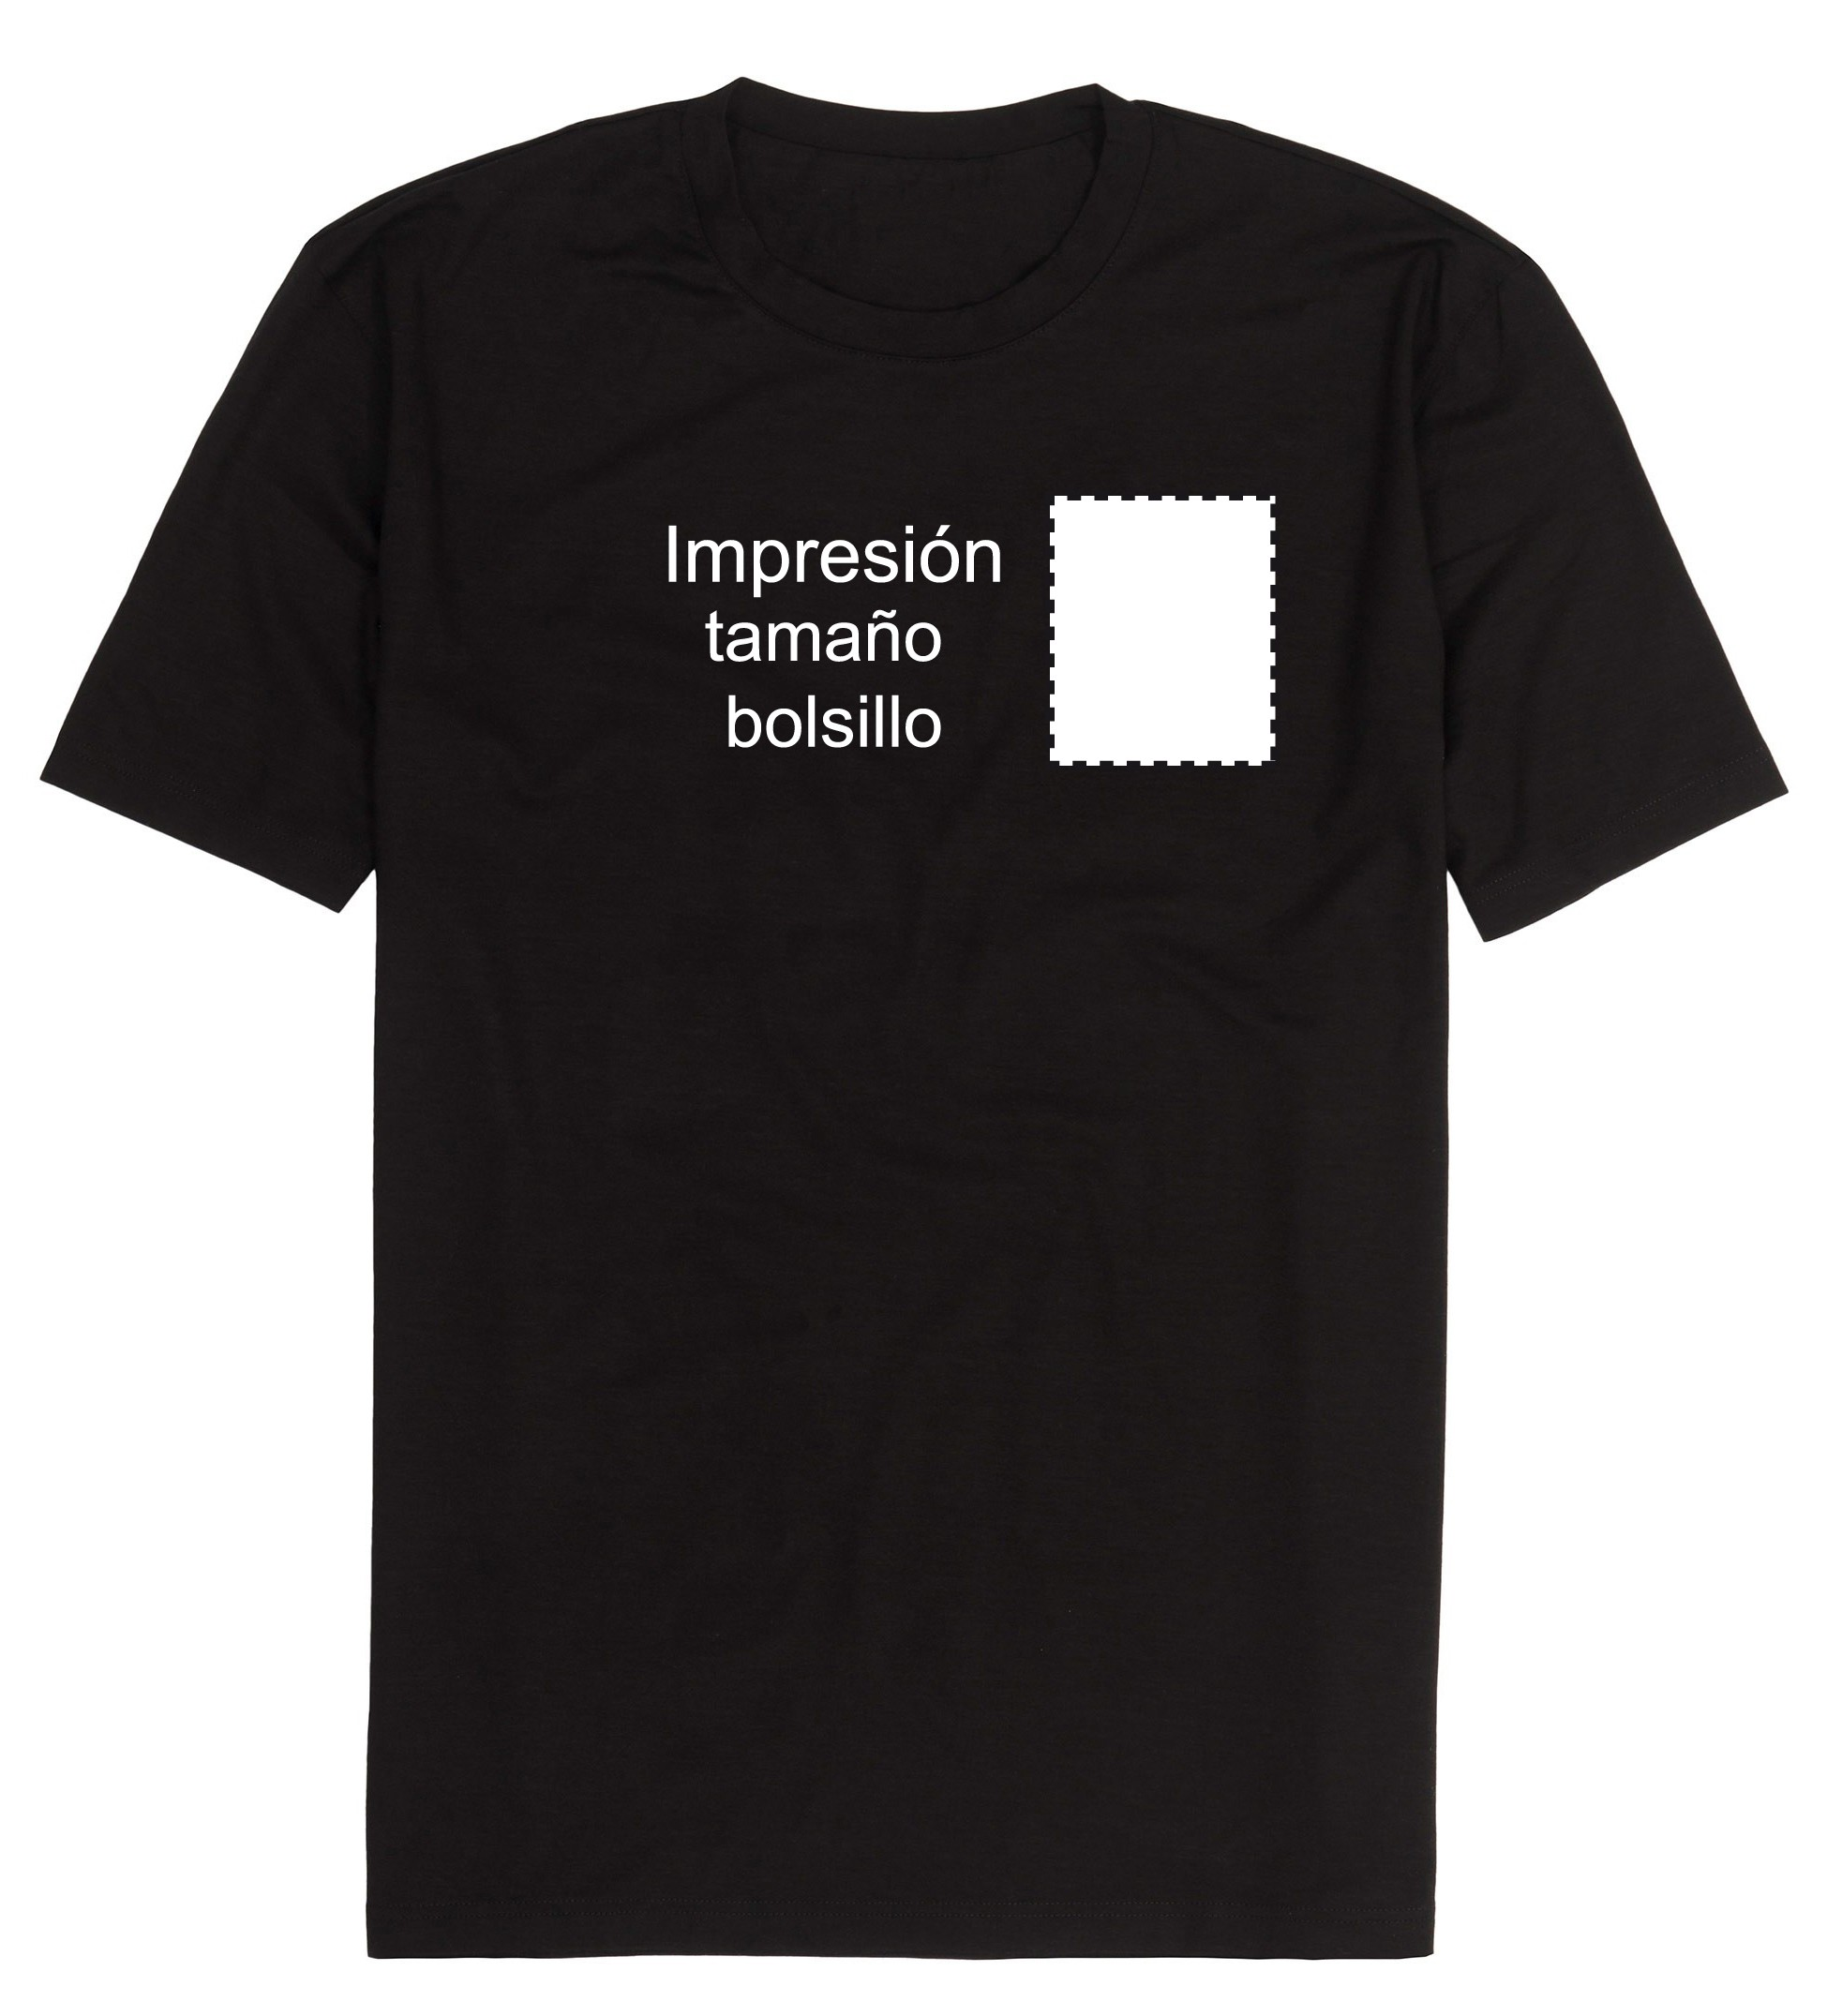 Camiseta personalizada tamaño escudo 62f8817e352d2